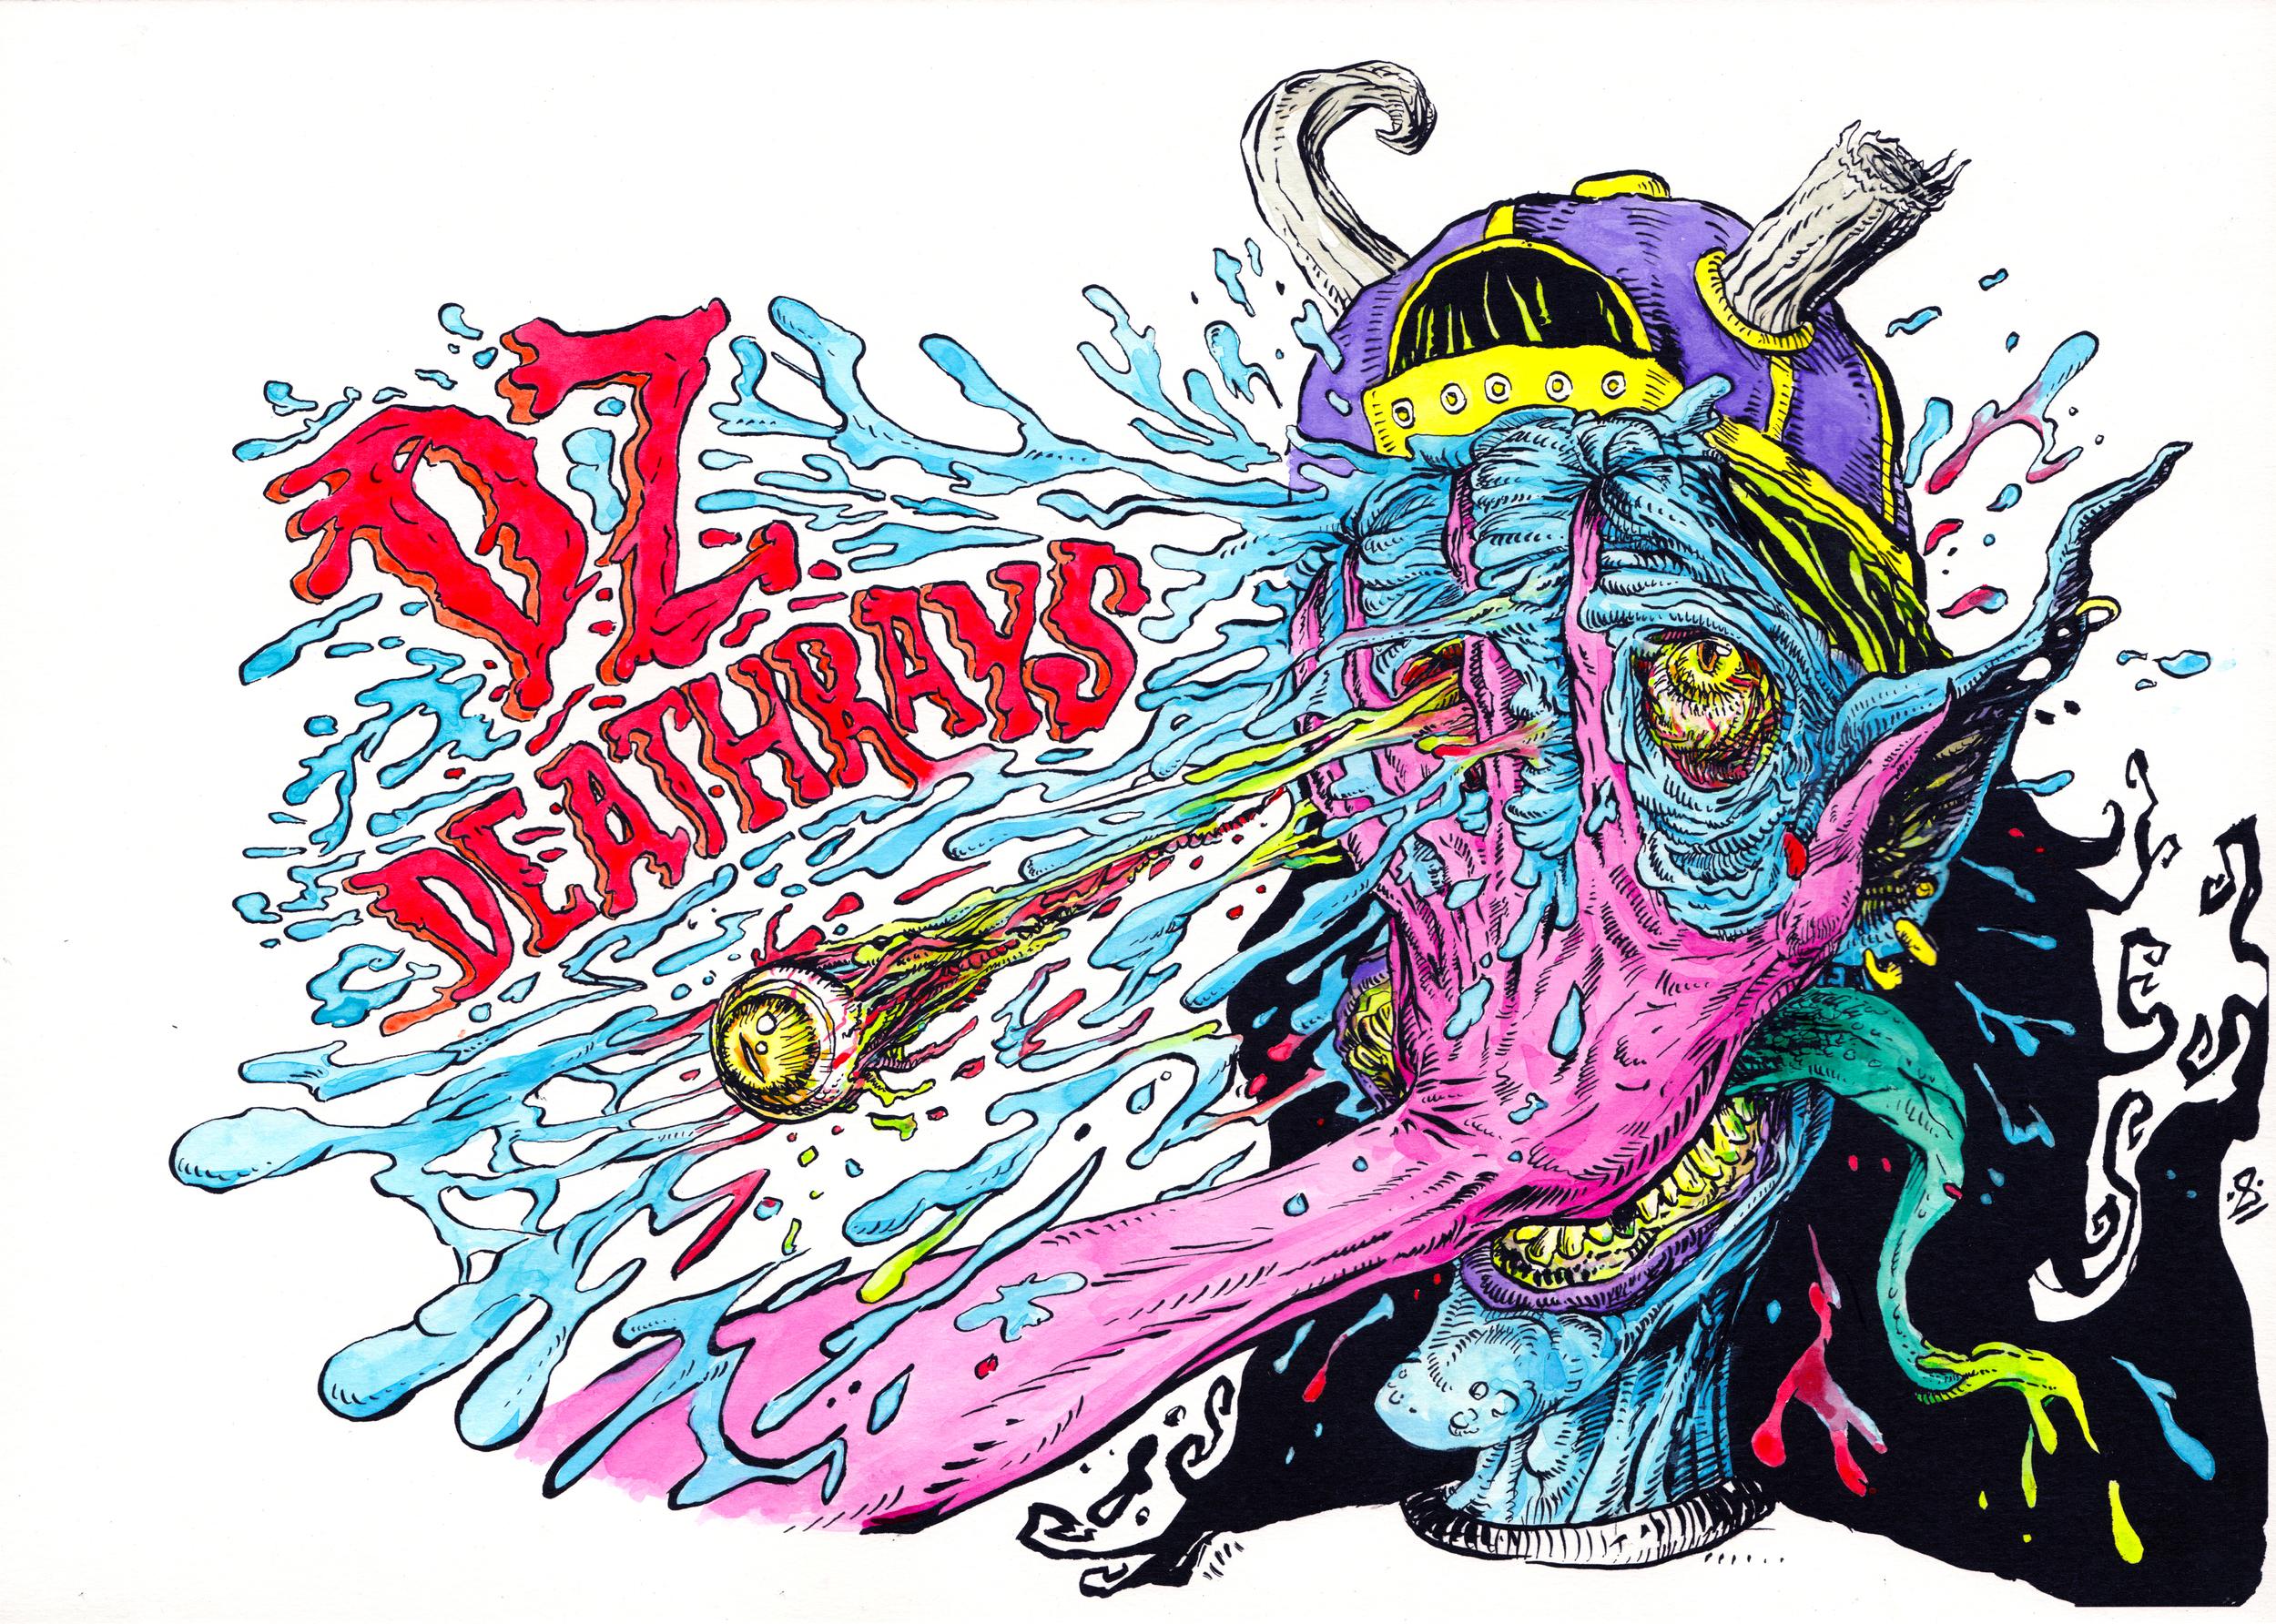 DZ Deathrays  design (2016)  Ink on Bristol